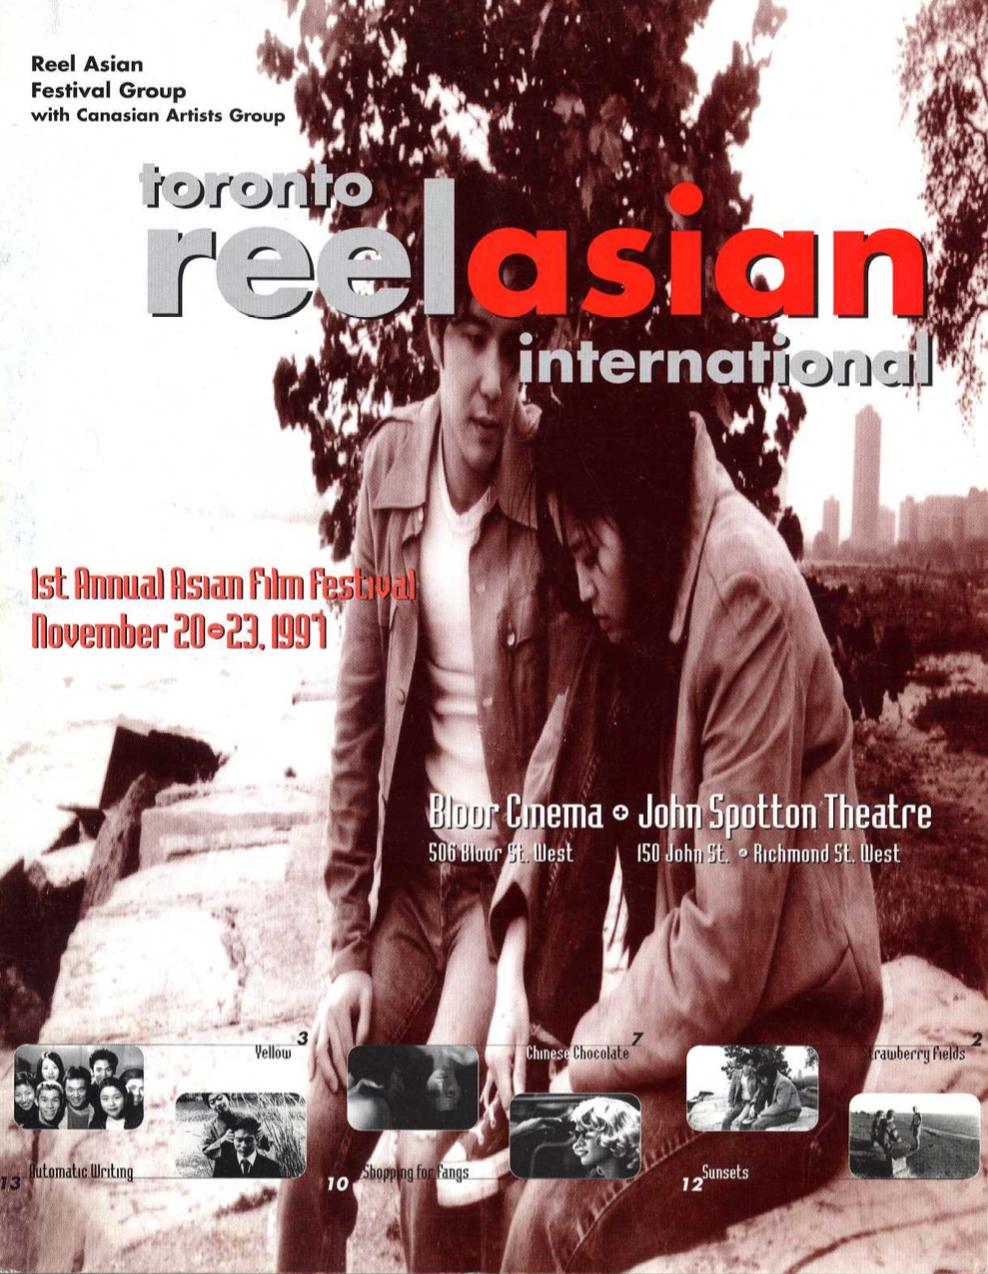 Reel Asian Festival Program Guide 1997